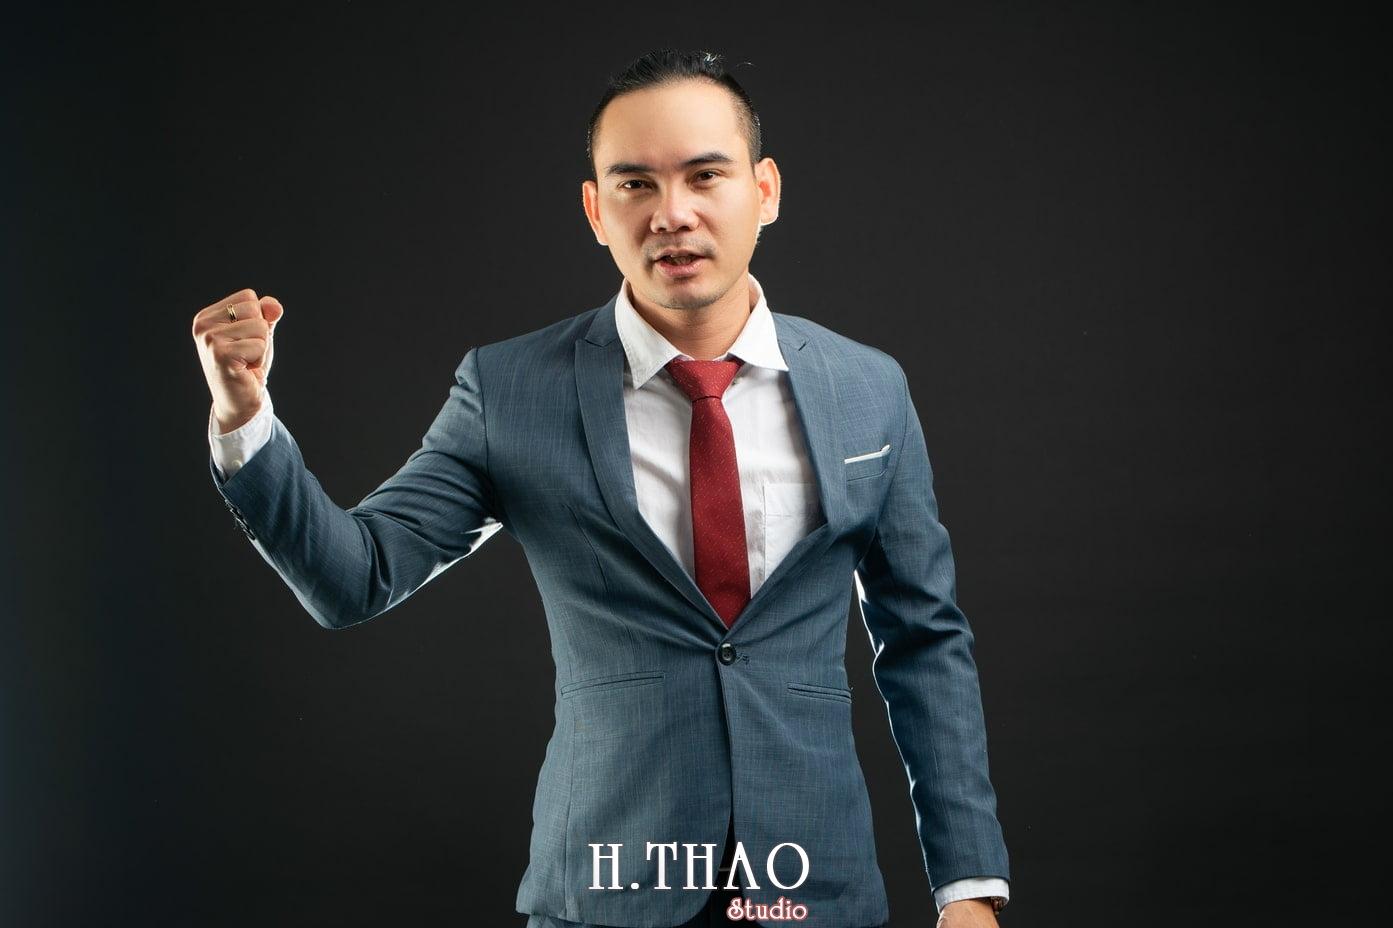 Anh Profile Ngoc Trai 8 min 1 - Album ảnh phong cách cá tính mạnh mẽ anh Ngọc Trai - HThao Studio